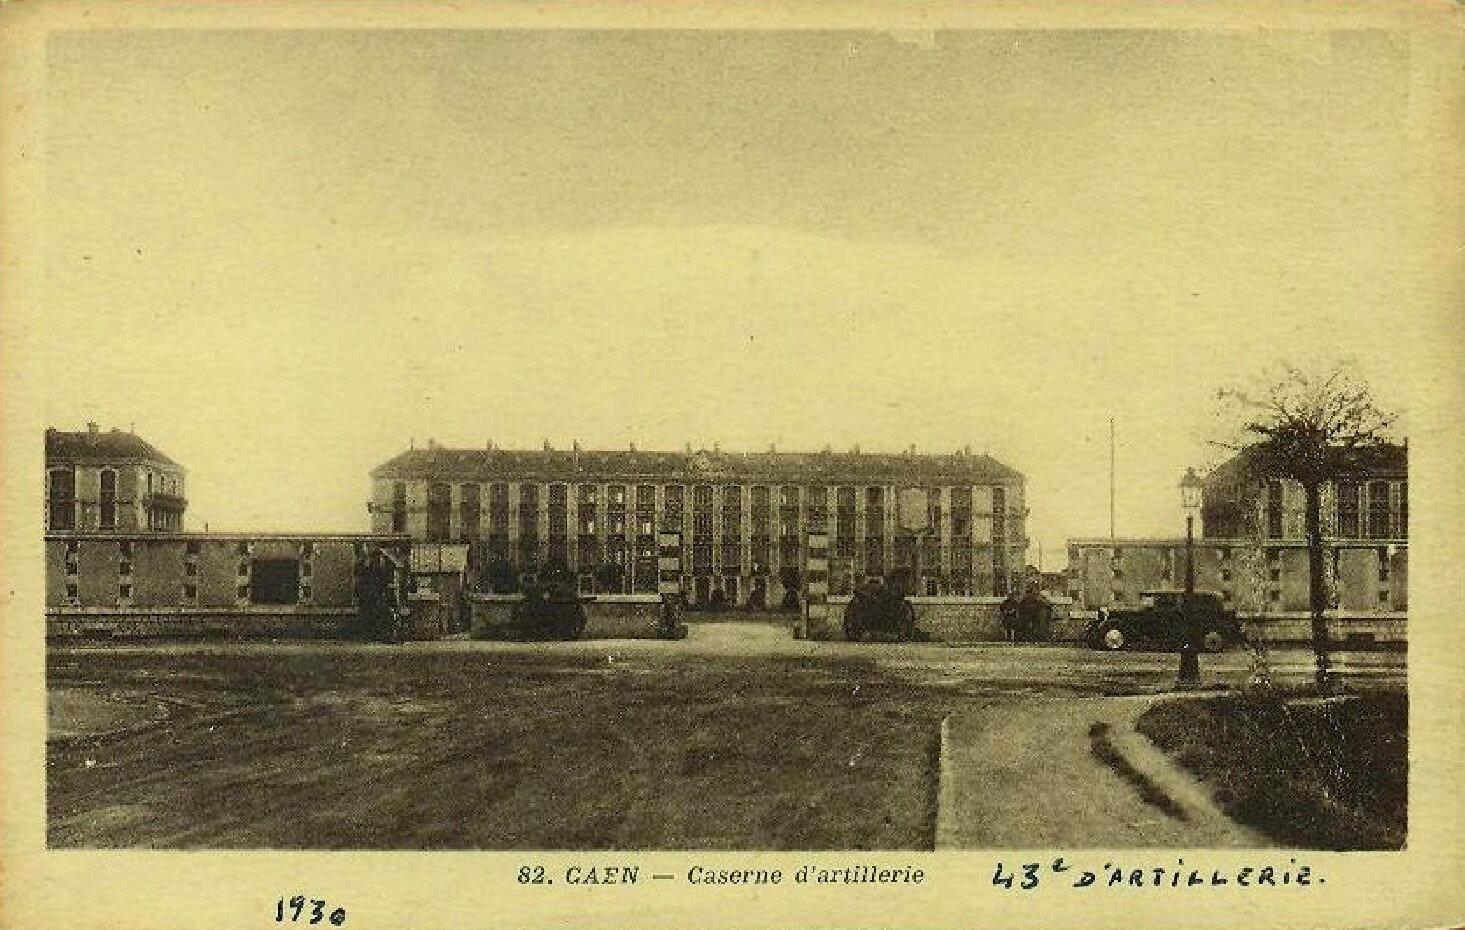 02 Caen, Quartier Claude Decaen, l'entrée principale, vers 1930